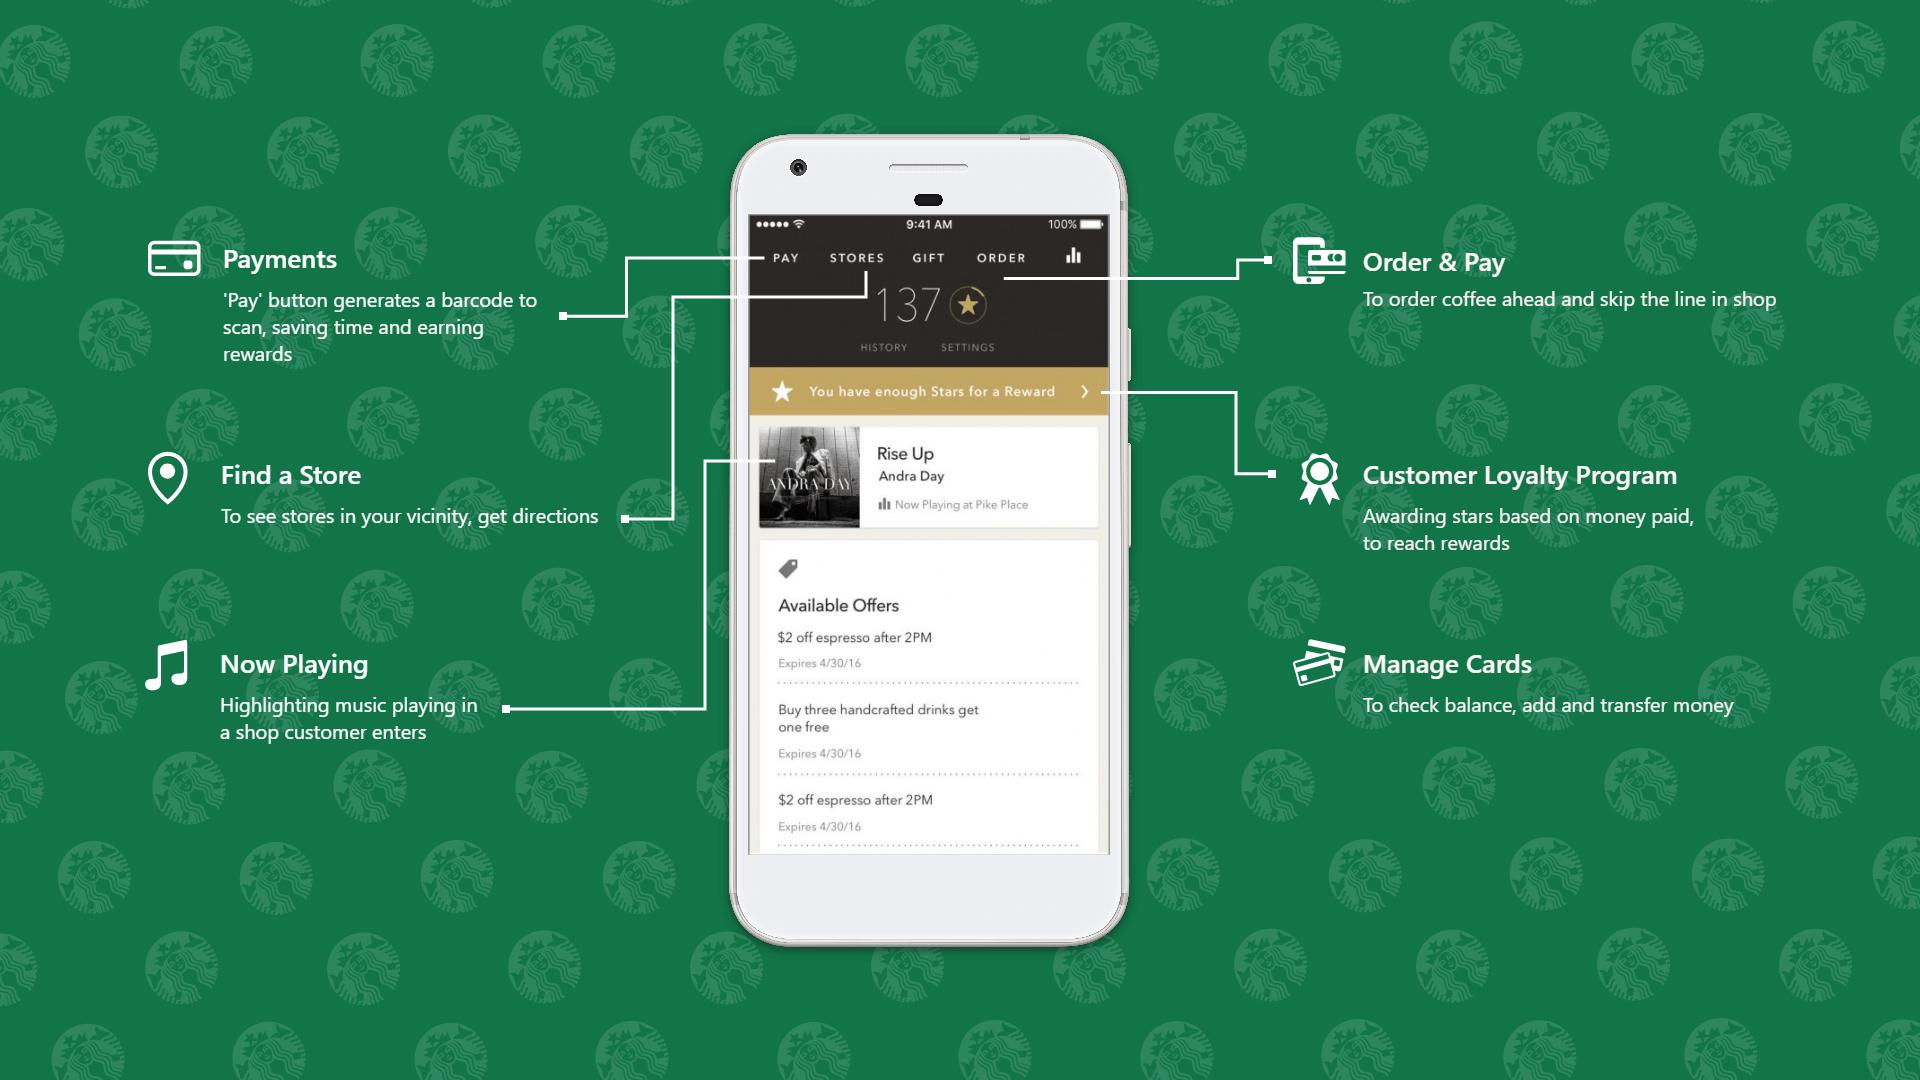 App mobile Starbucks